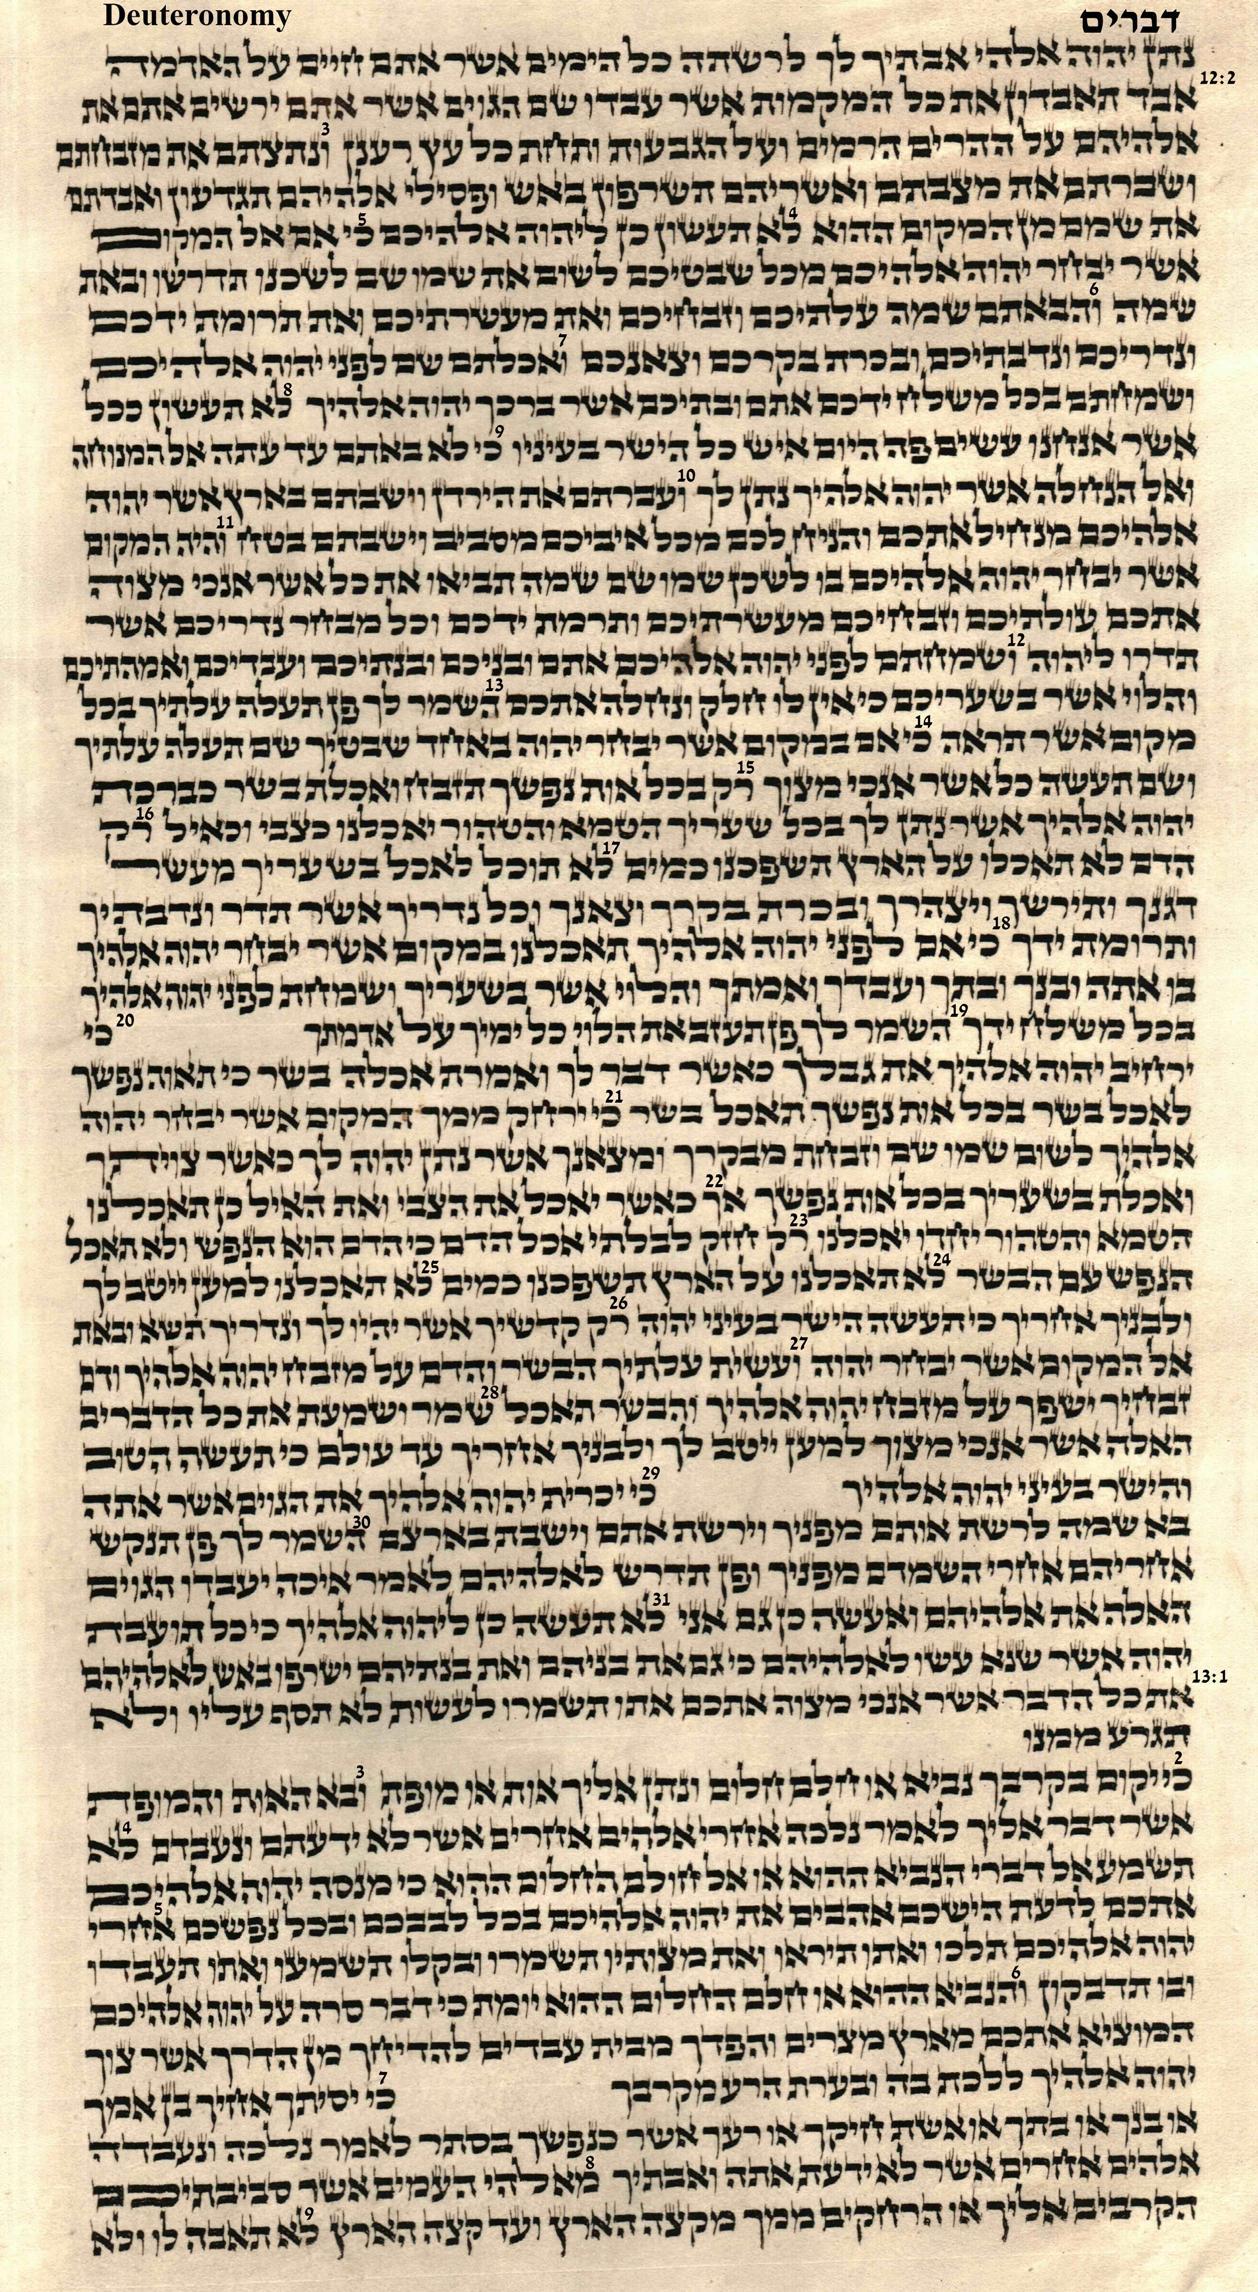 Deuteronomy 12.2 - 13.9